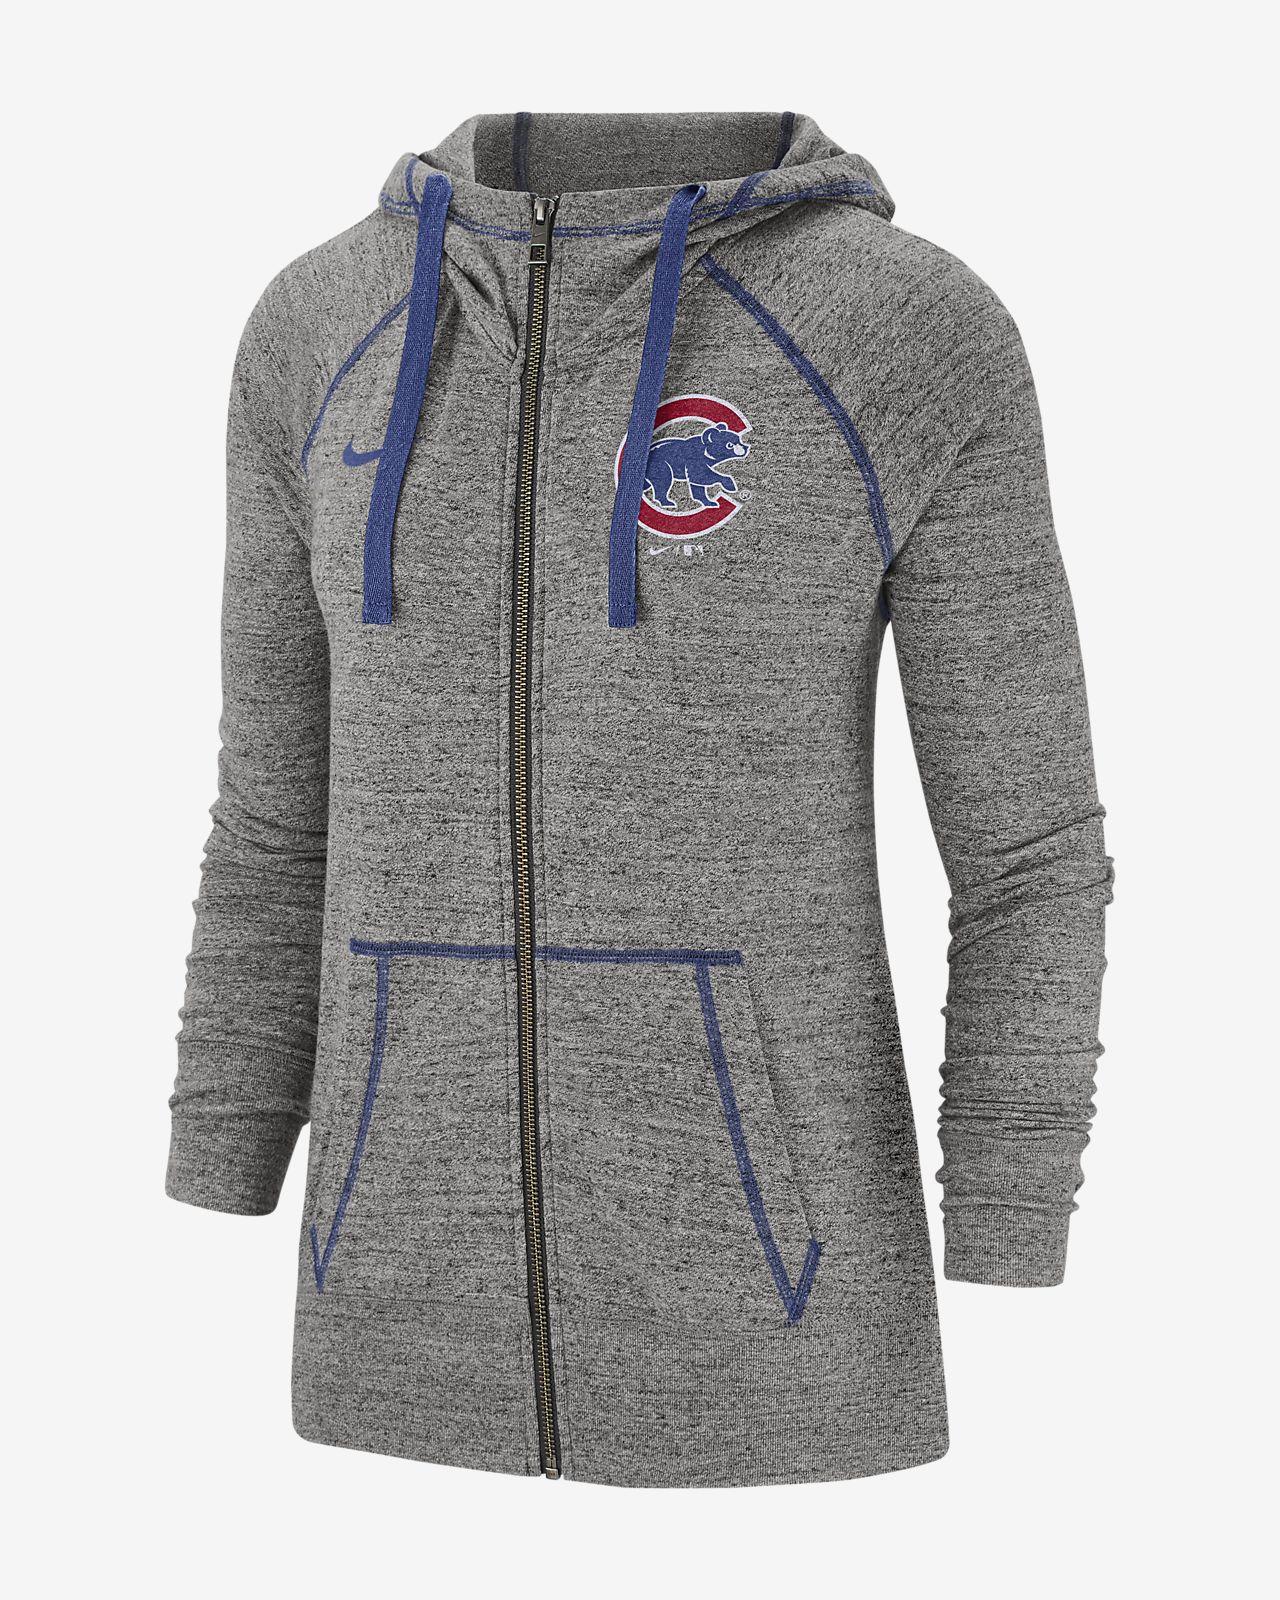 Nike Gym Vintage (MLB Cubs) Women's Full-Zip Hoodie